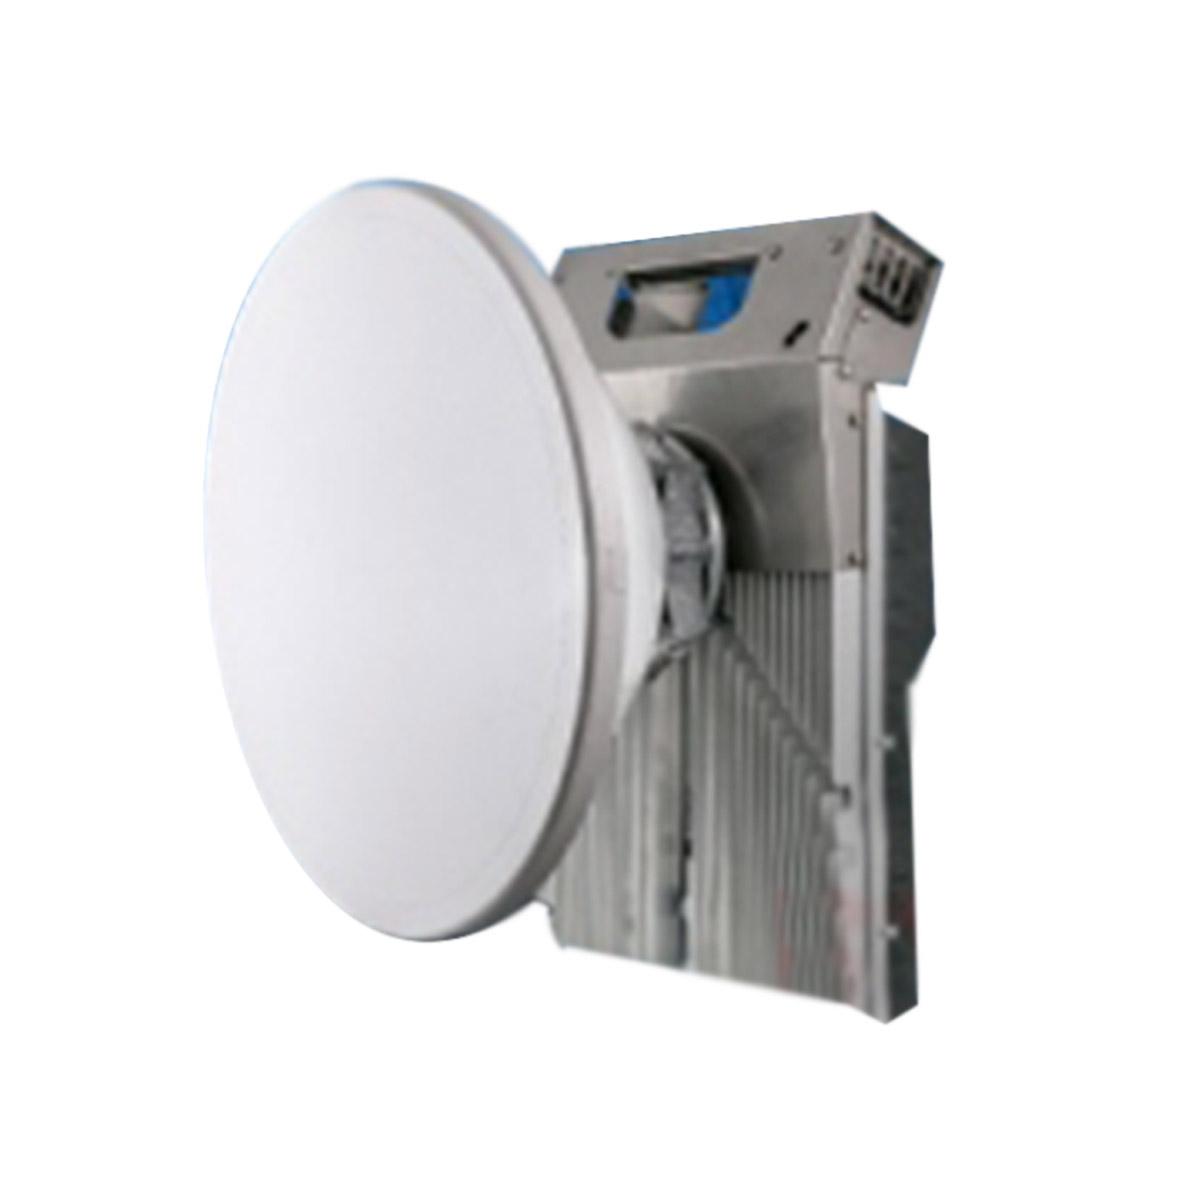 INTEGRA-X 2Gbps SAF enlace Punto a Punto